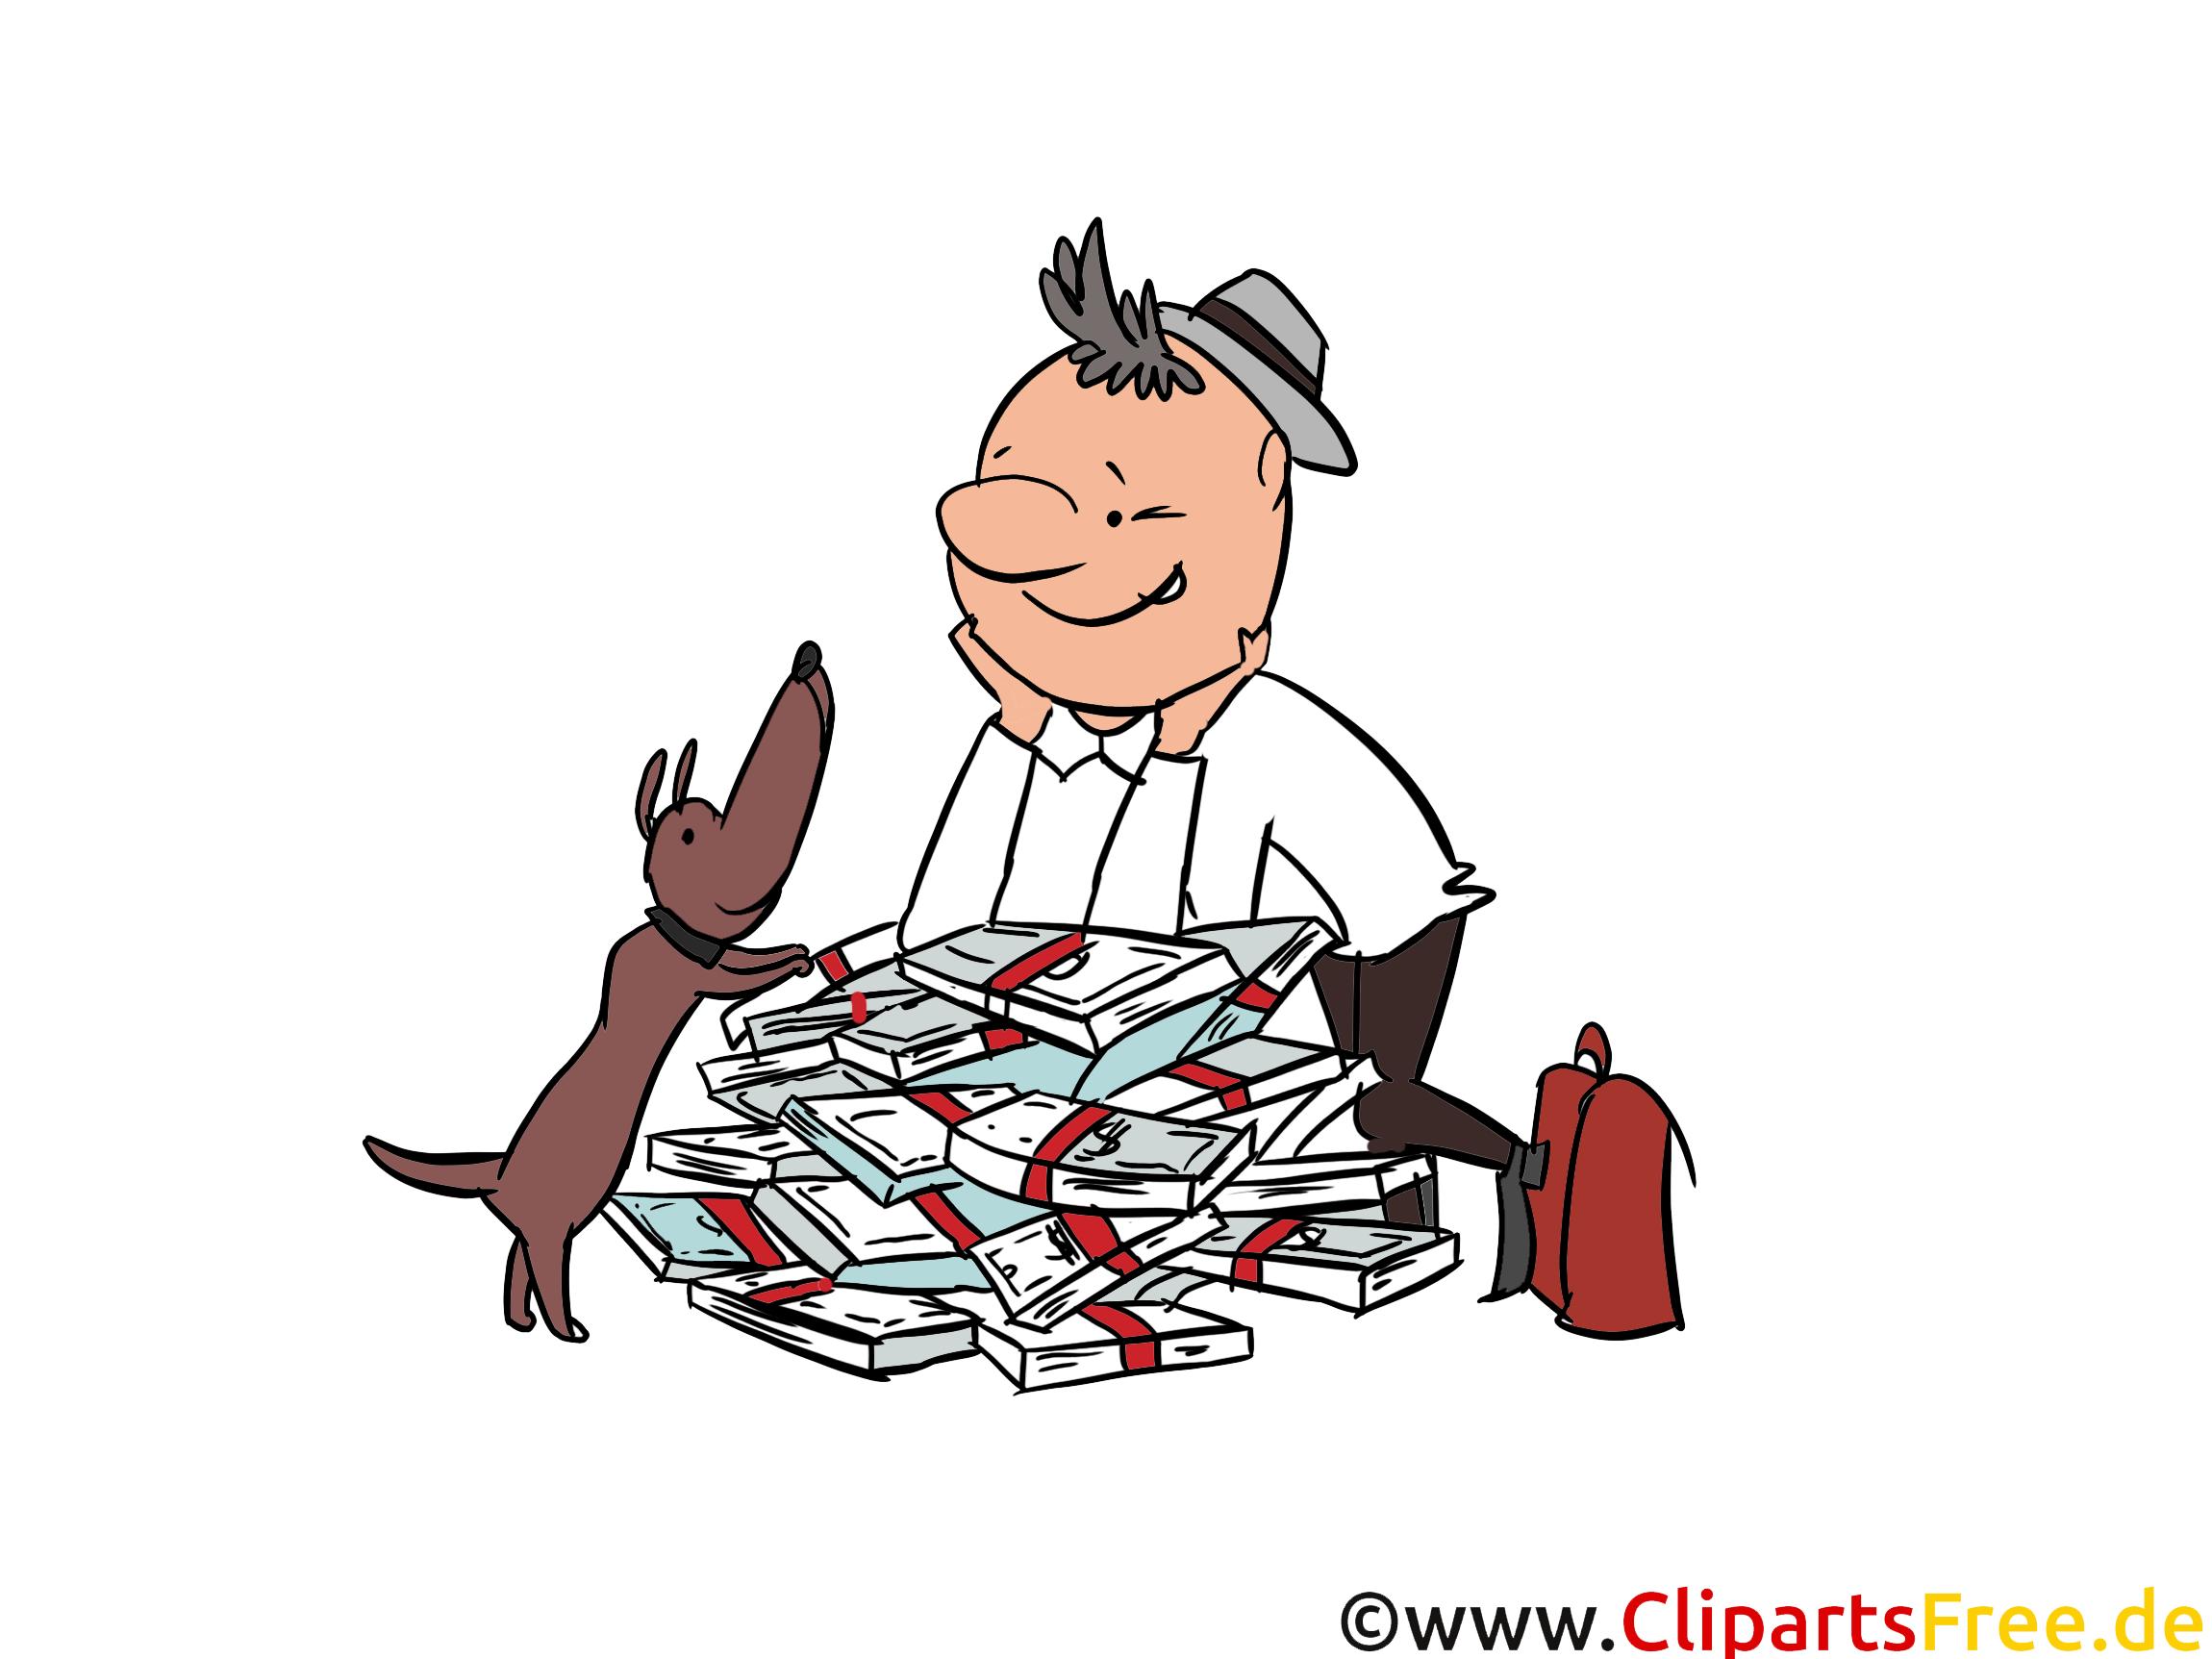 Beamter Finanzamt Clip Art, Bild, Cartoon, Comic, Illustration, Grafik kostenlos